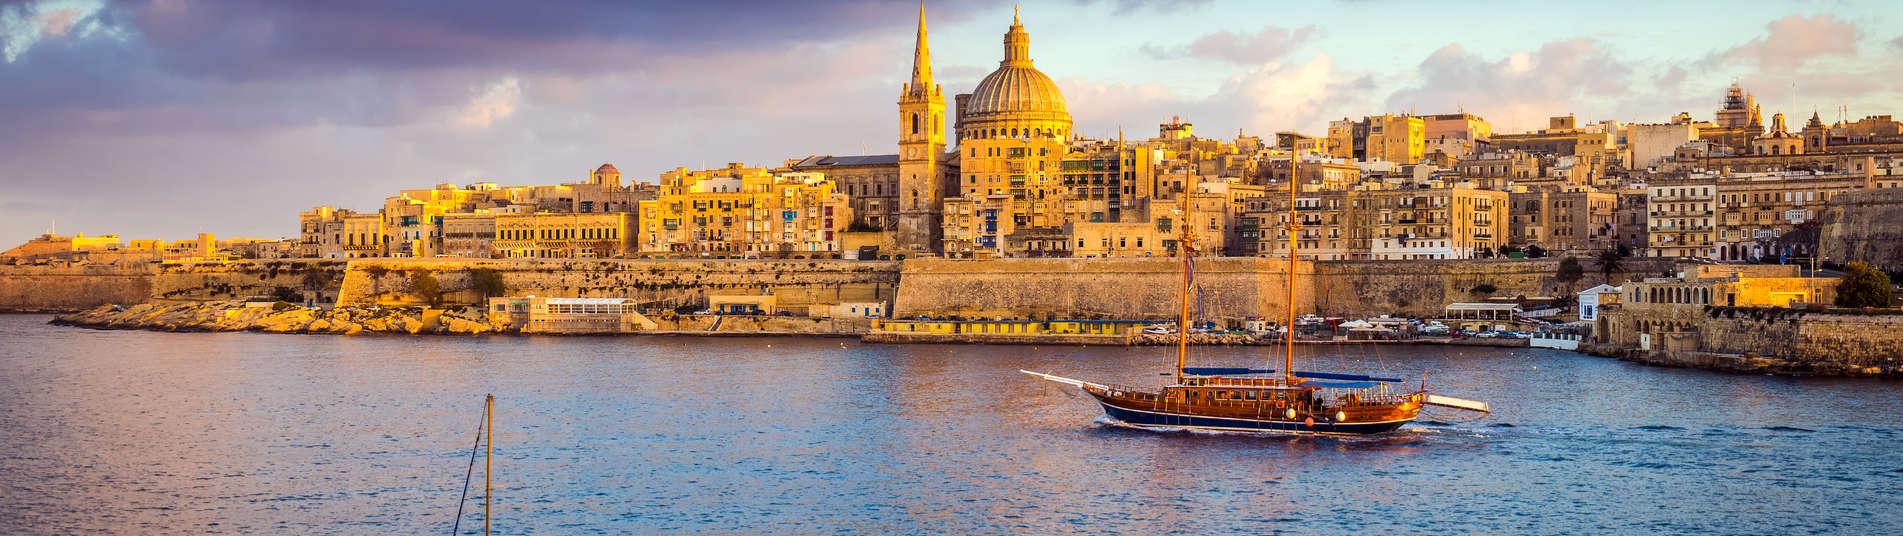 La Valette, Capitale de Malte